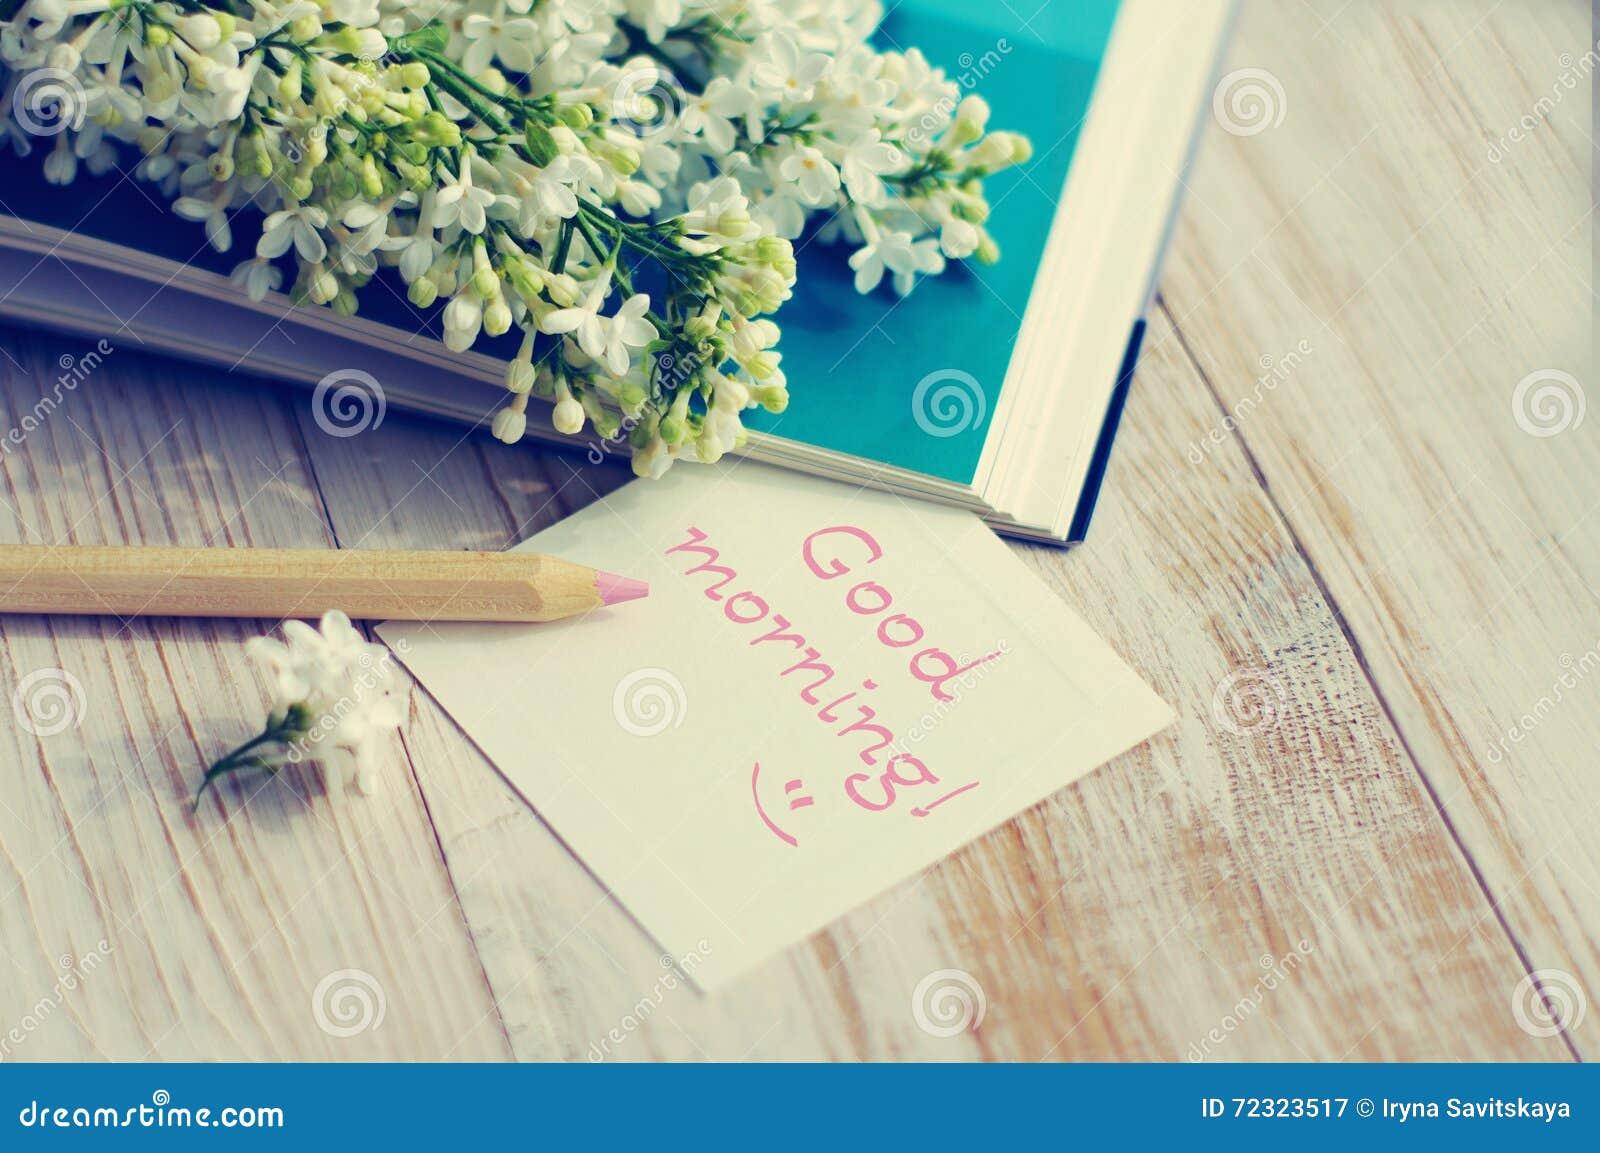 Blumenstrauß Einer Weißen Flieder Auf Dem Offenen Buch